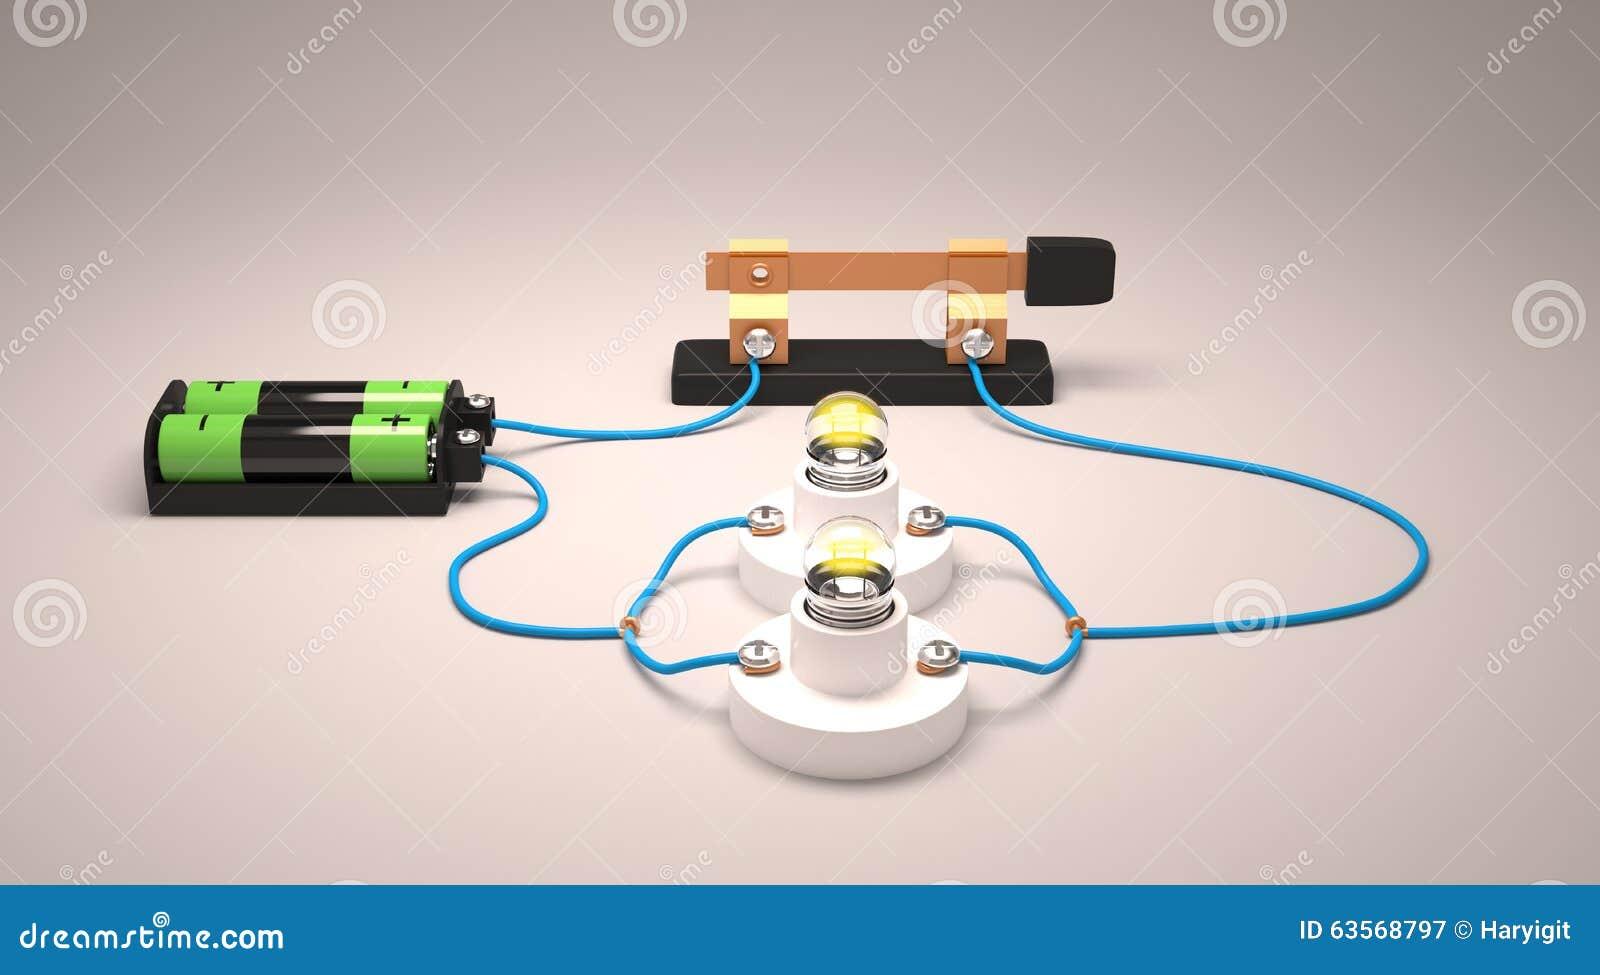 Circuito Z : Circuito elettrico semplice parallelo illustrazione di